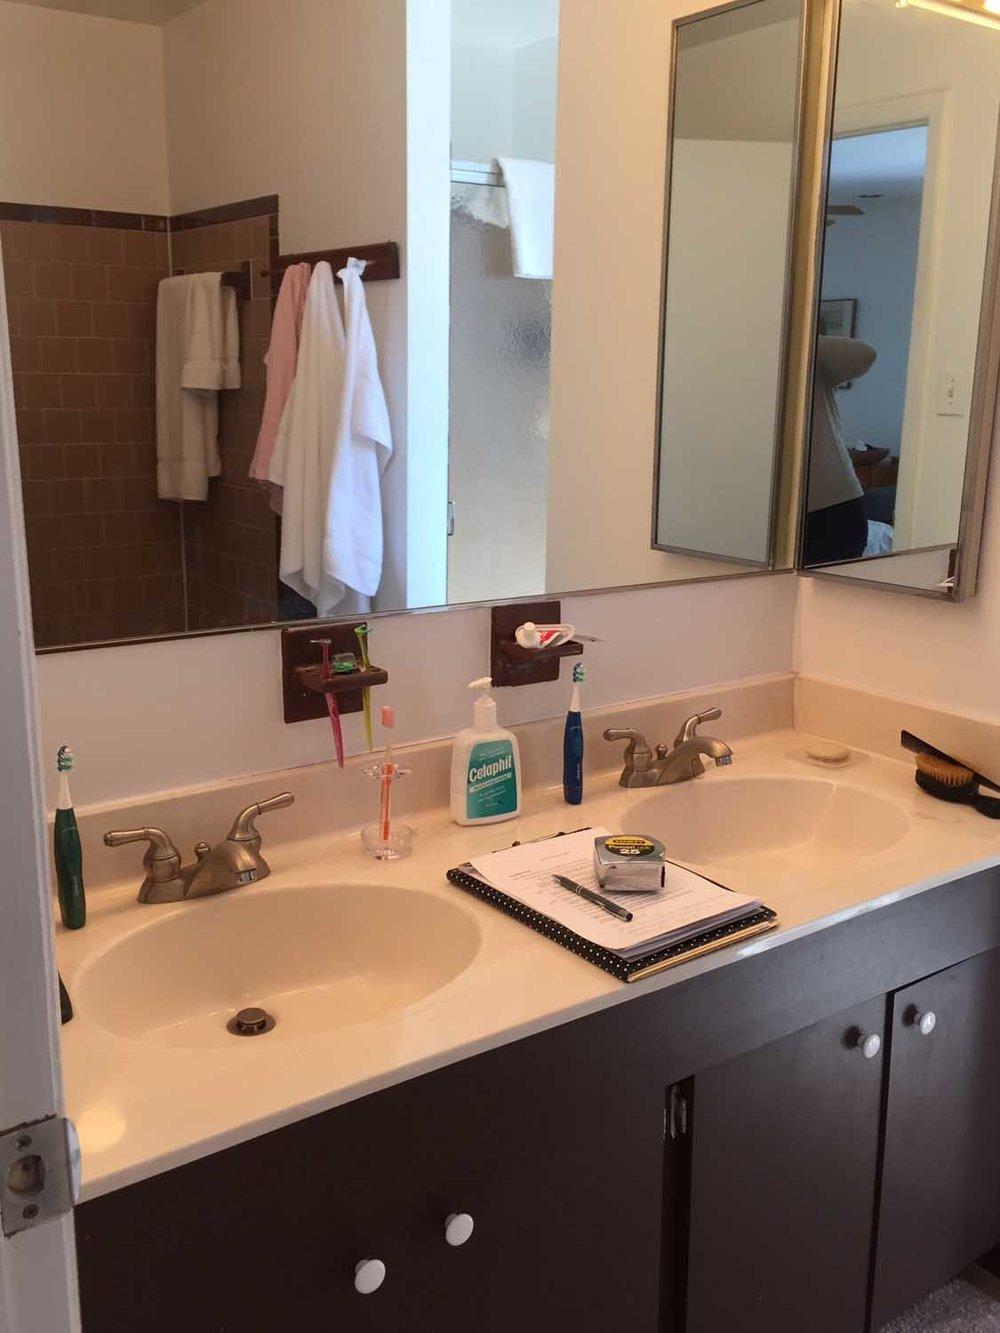 Columbia Maryland Outdated 80s Bathroom Vanity Before Remodel – Designer Bestie April Force Pardoe Interiors.jpg